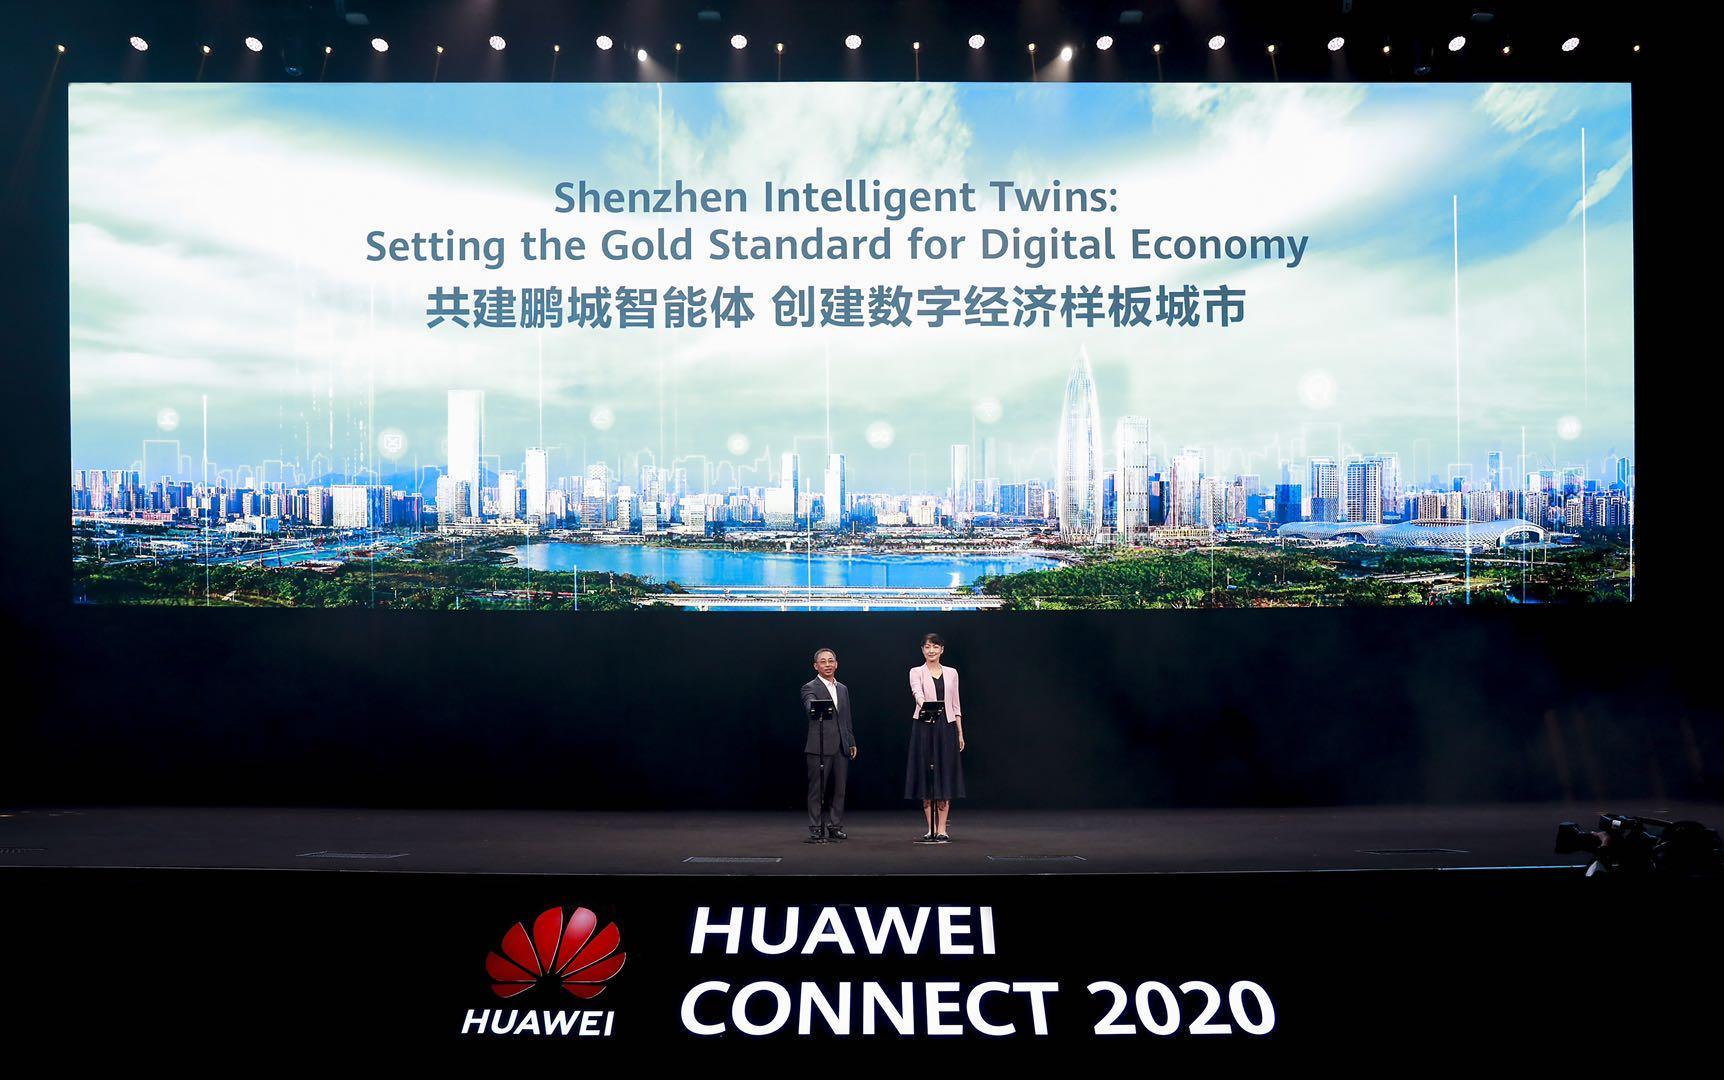 华为与深圳市合作发布鹏城智能体 已在数字政务、交通等领域取得成效